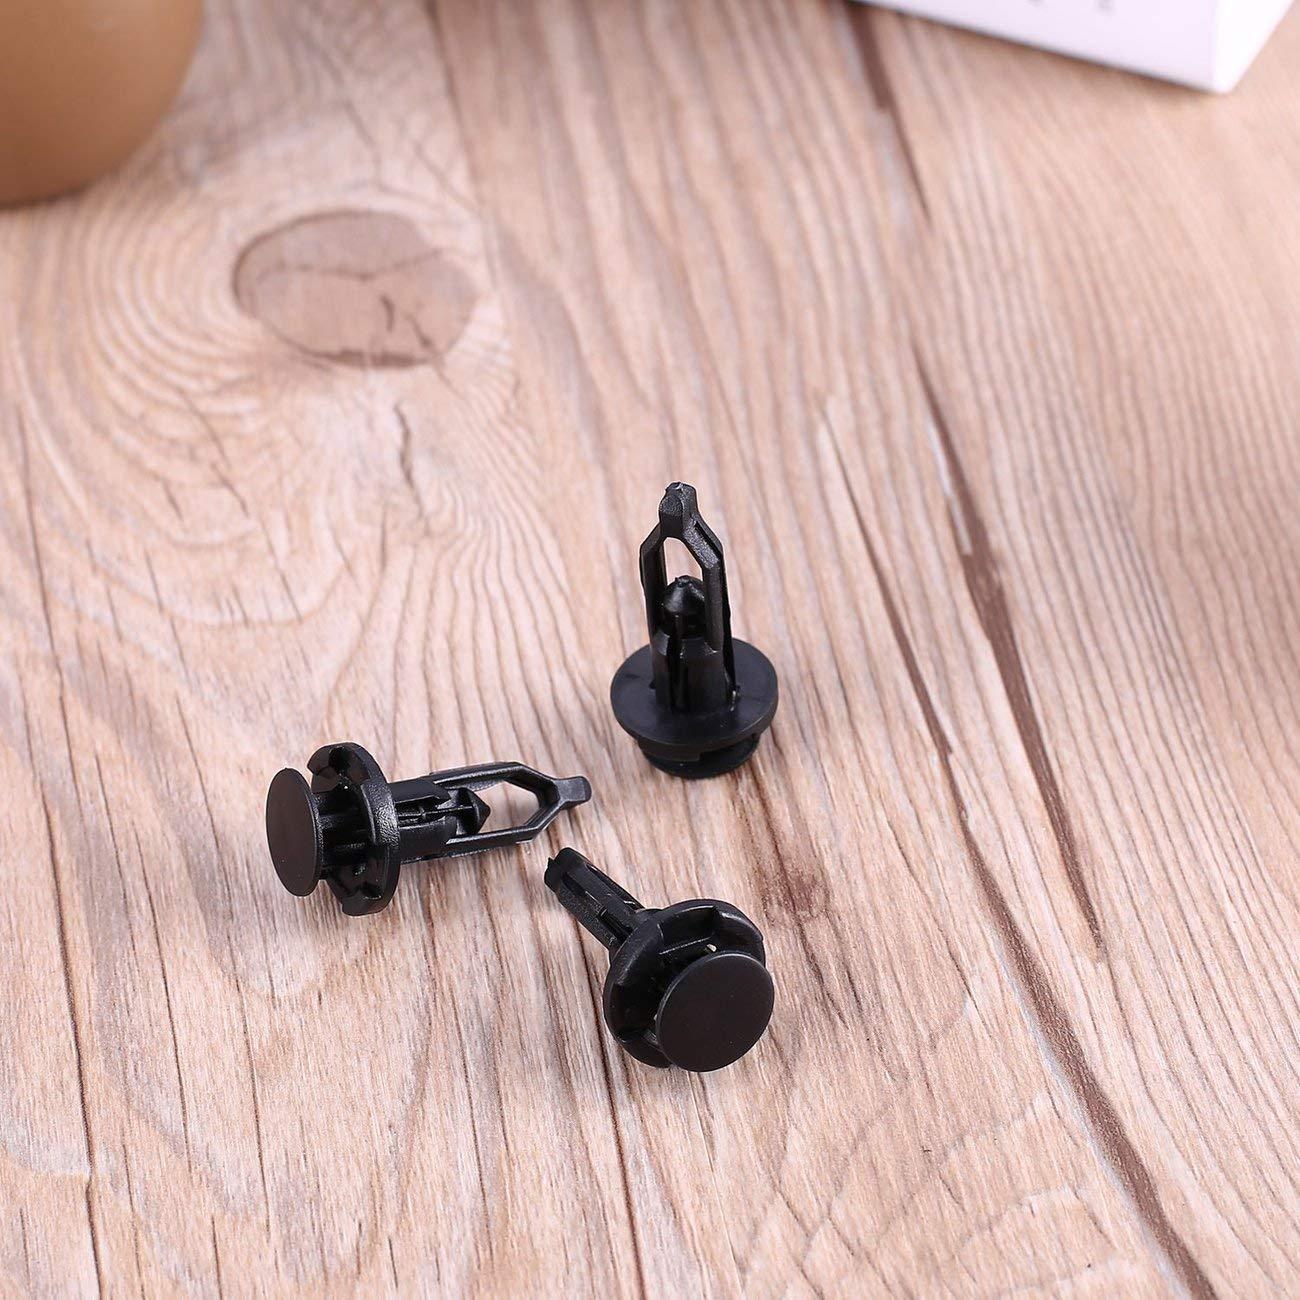 Noir Fixateur LasVogos 30 Pcs Universel 9 mm Diam/ètre du Trou ABS Voiture en Plastique Fender Pare-Chocs Clips de Fixation /à vis expansibles Rivets